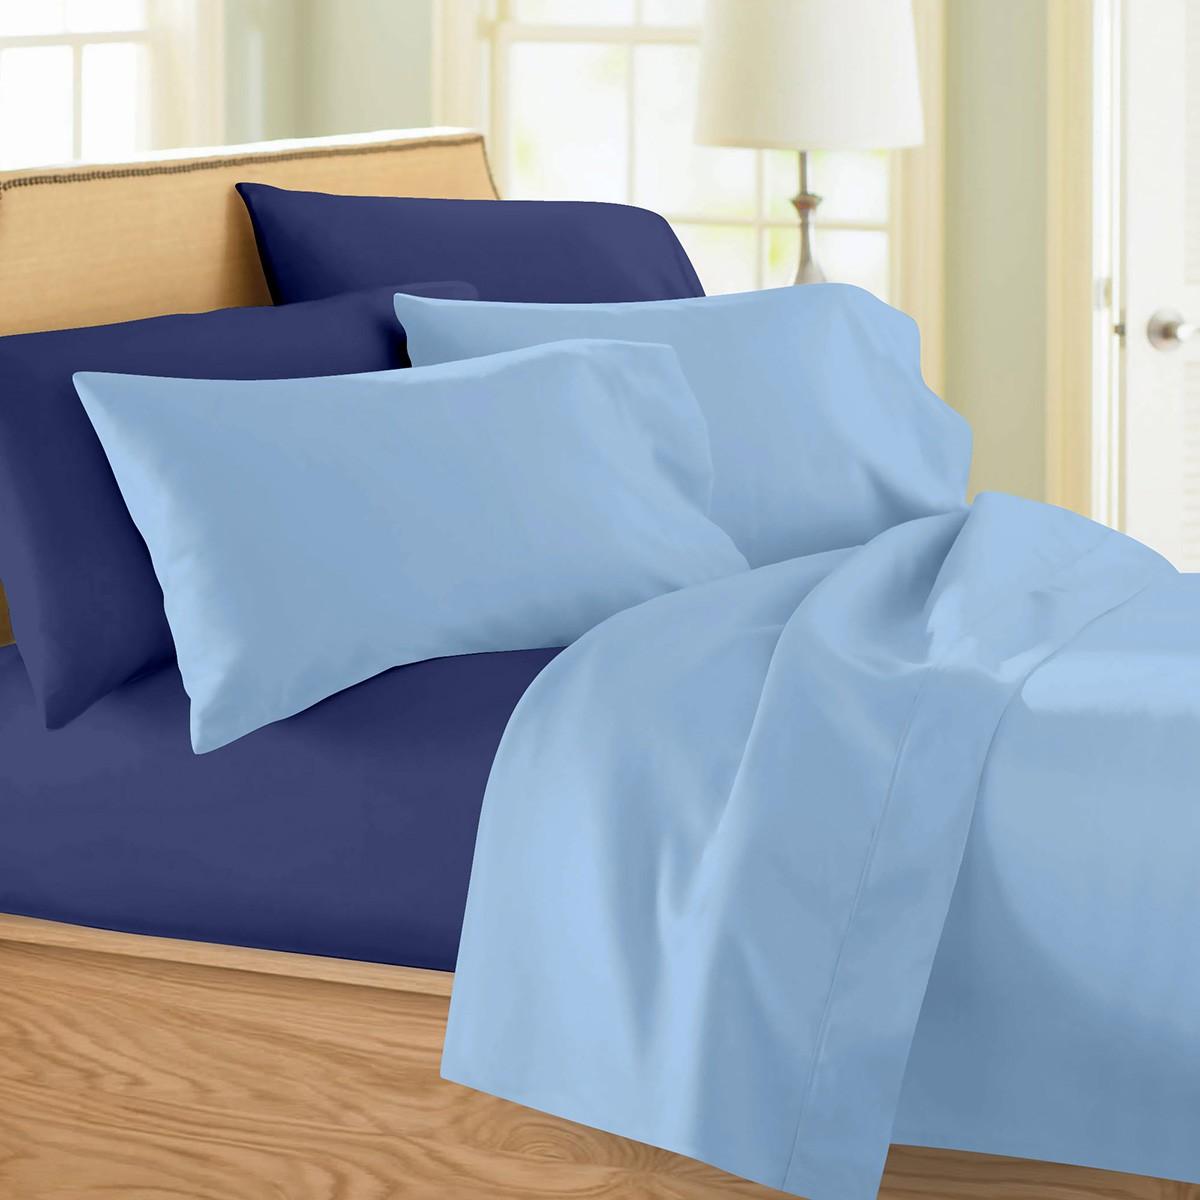 Σεντόνια Μονά (Σετ) Maison Blanche 11001 Γαλάζιο/Μπλε